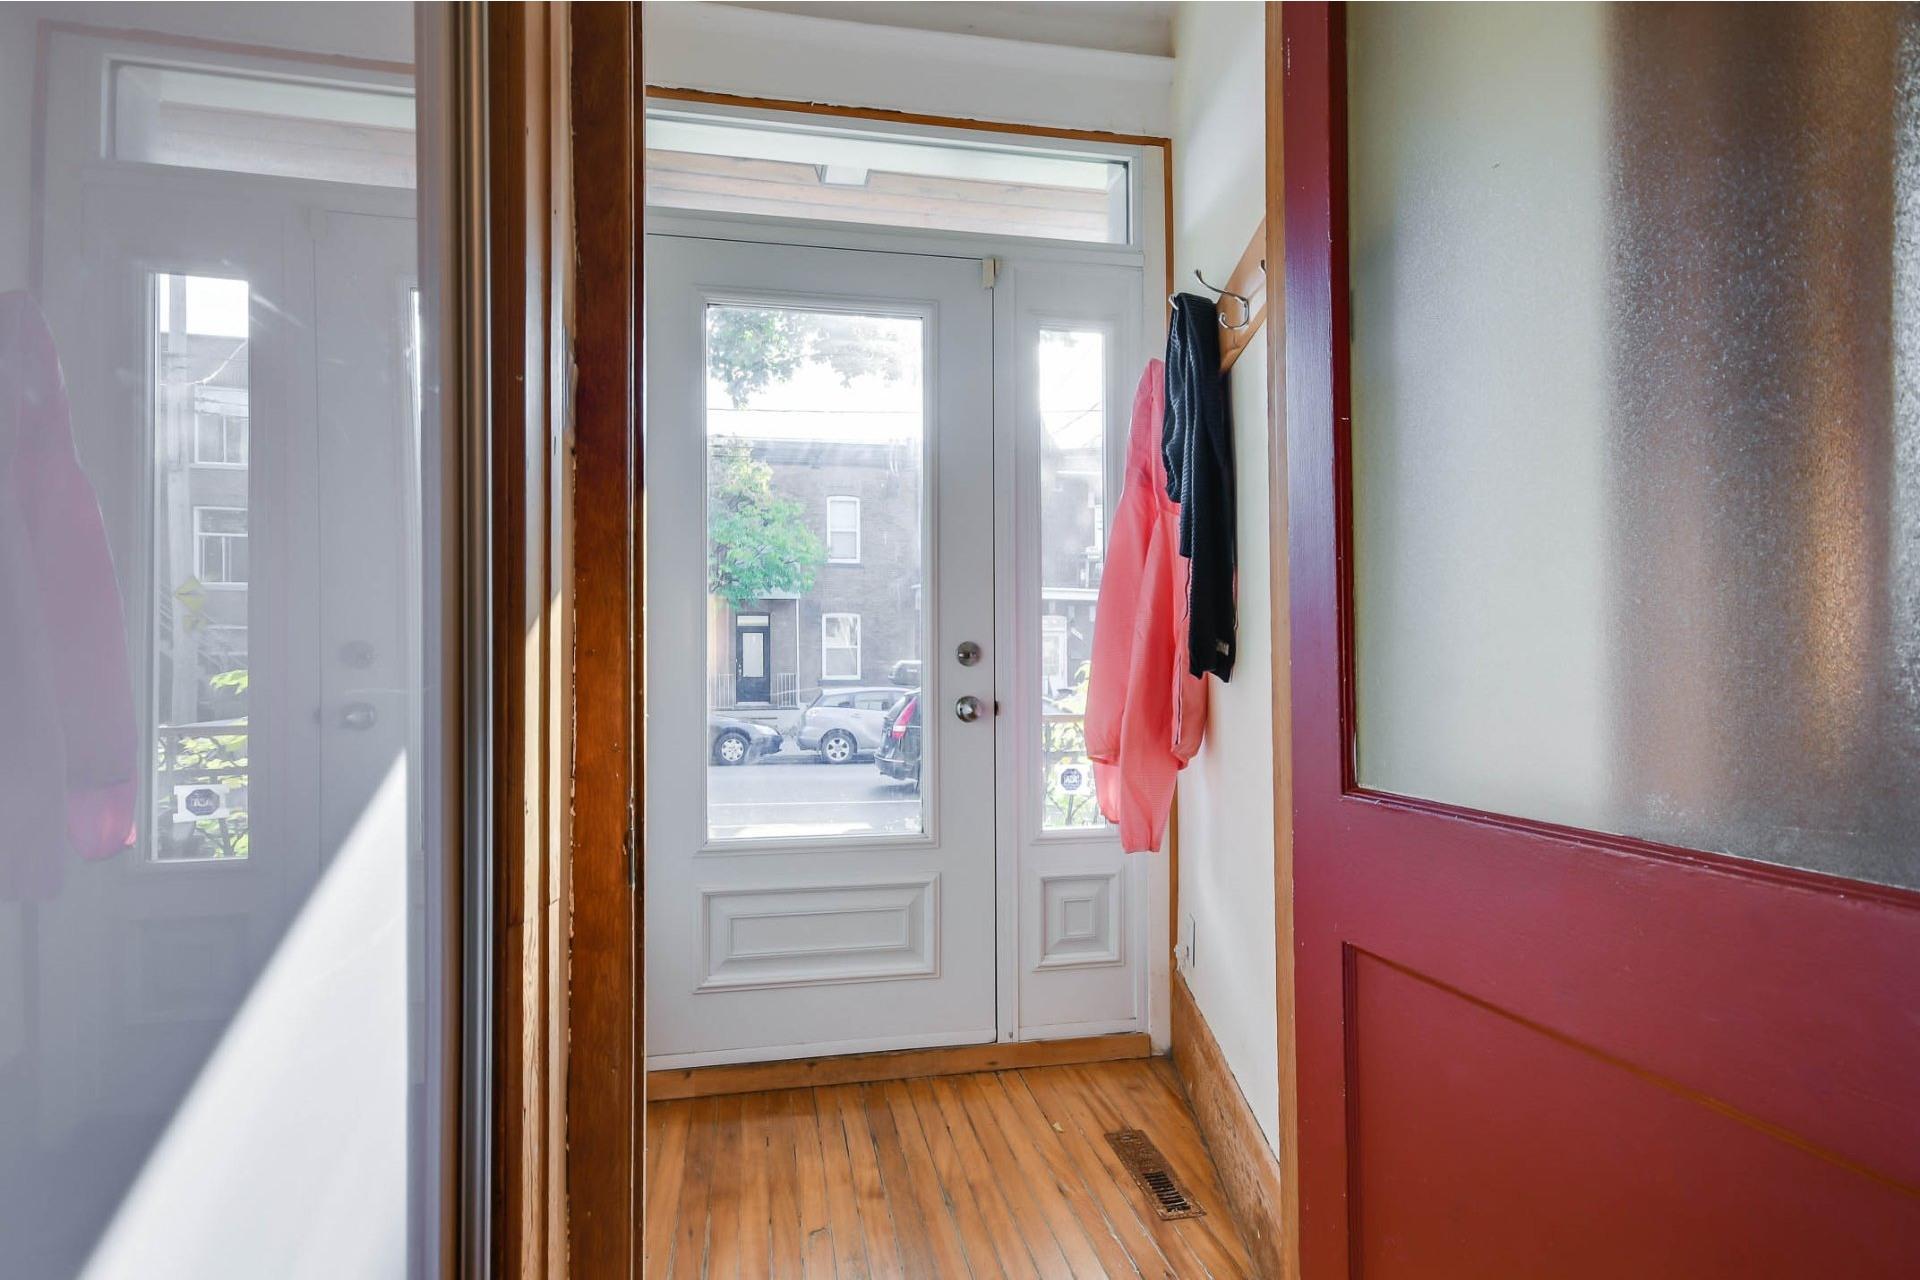 image 9 - Triplex À vendre Montréal Rosemont/La Petite-Patrie  - 6 pièces